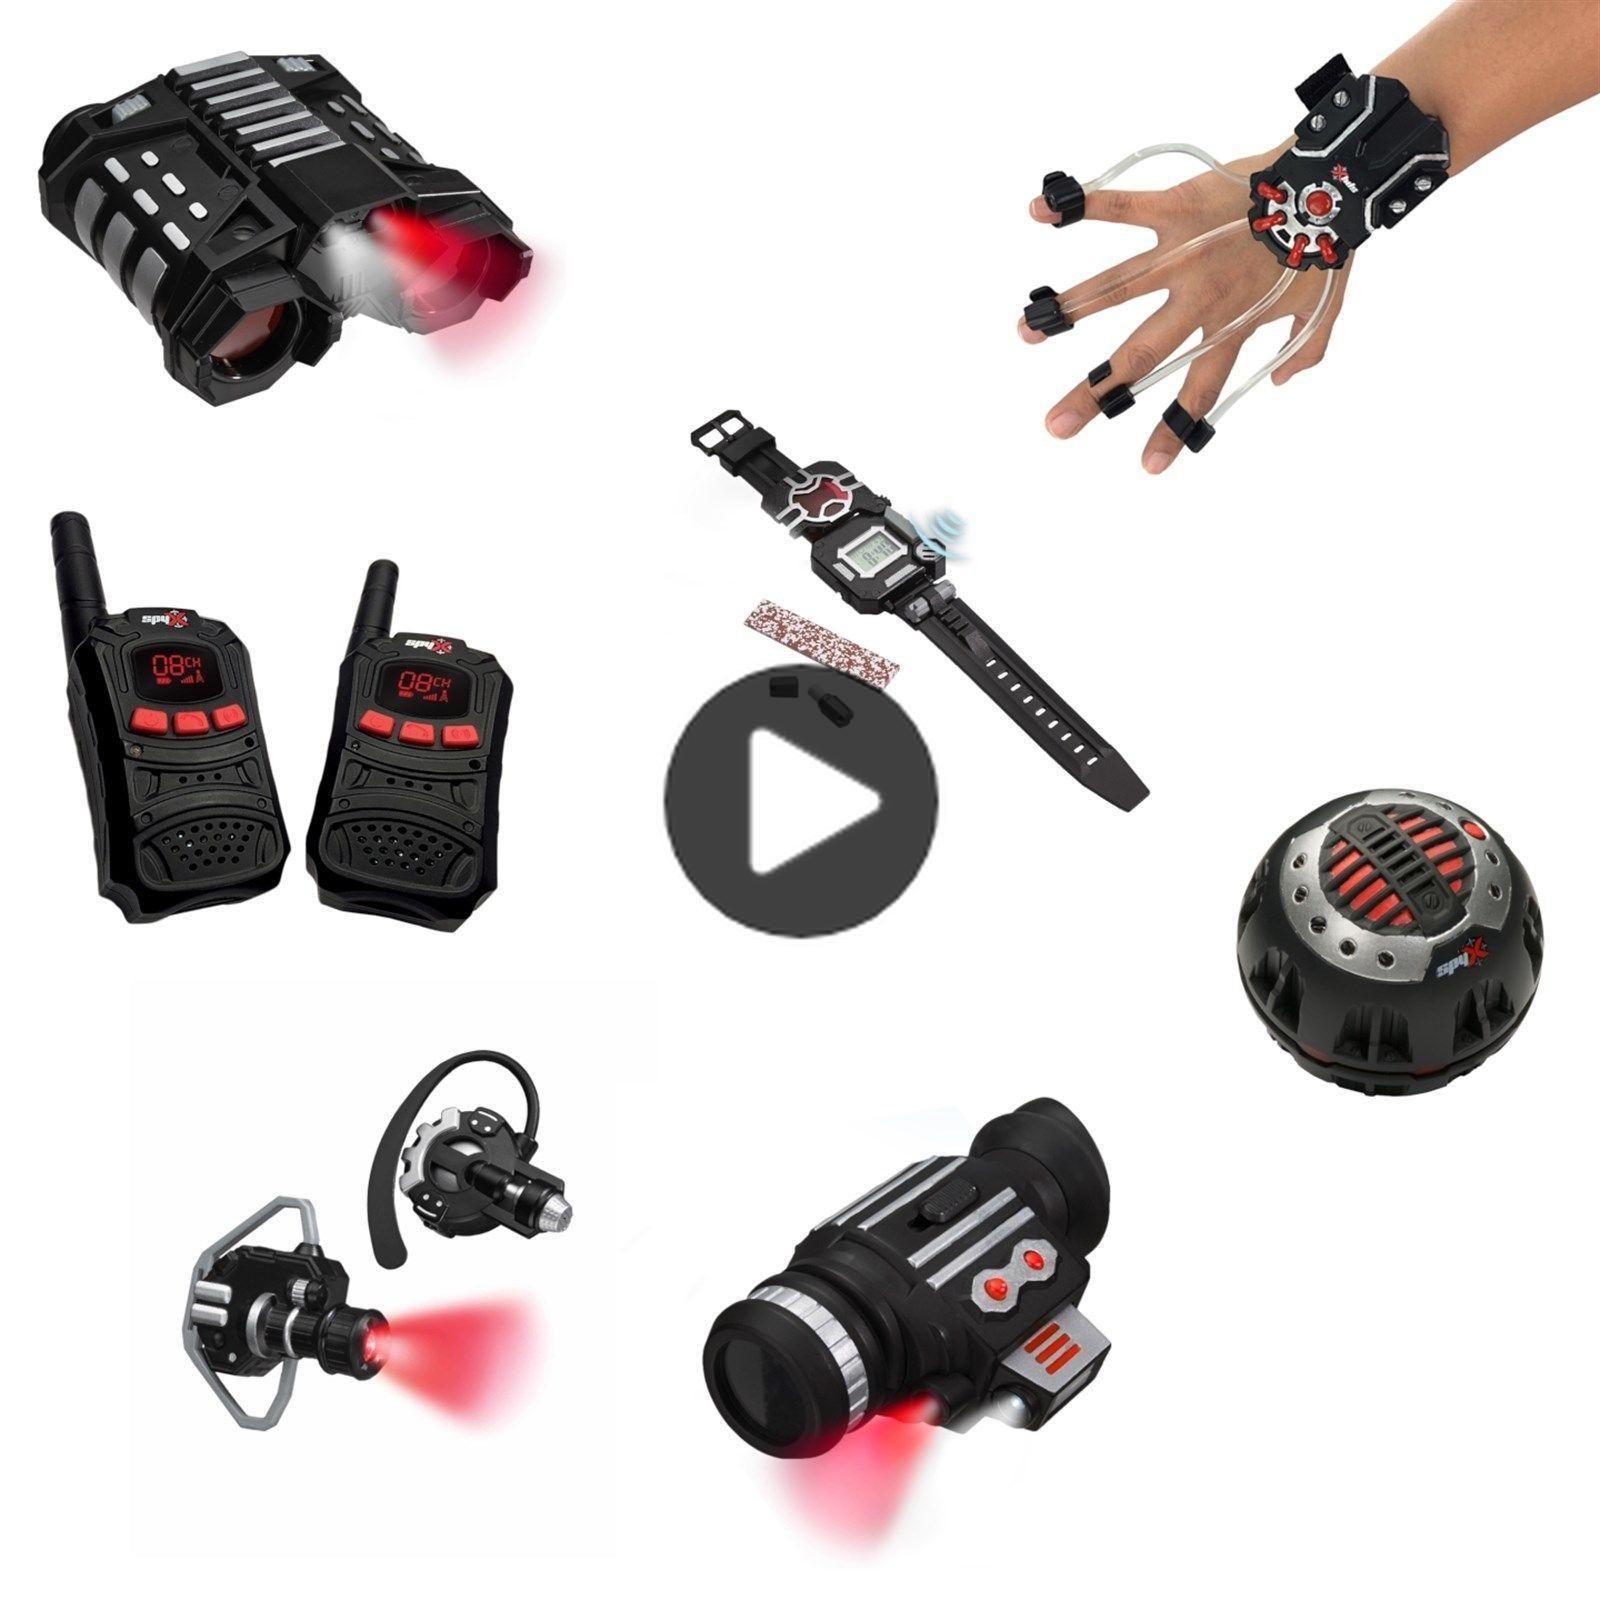 Spyx Spy Gear Cool Spy Gadgets In 2020 Real Spy Gadgets Spy Gear Spy Gadgets